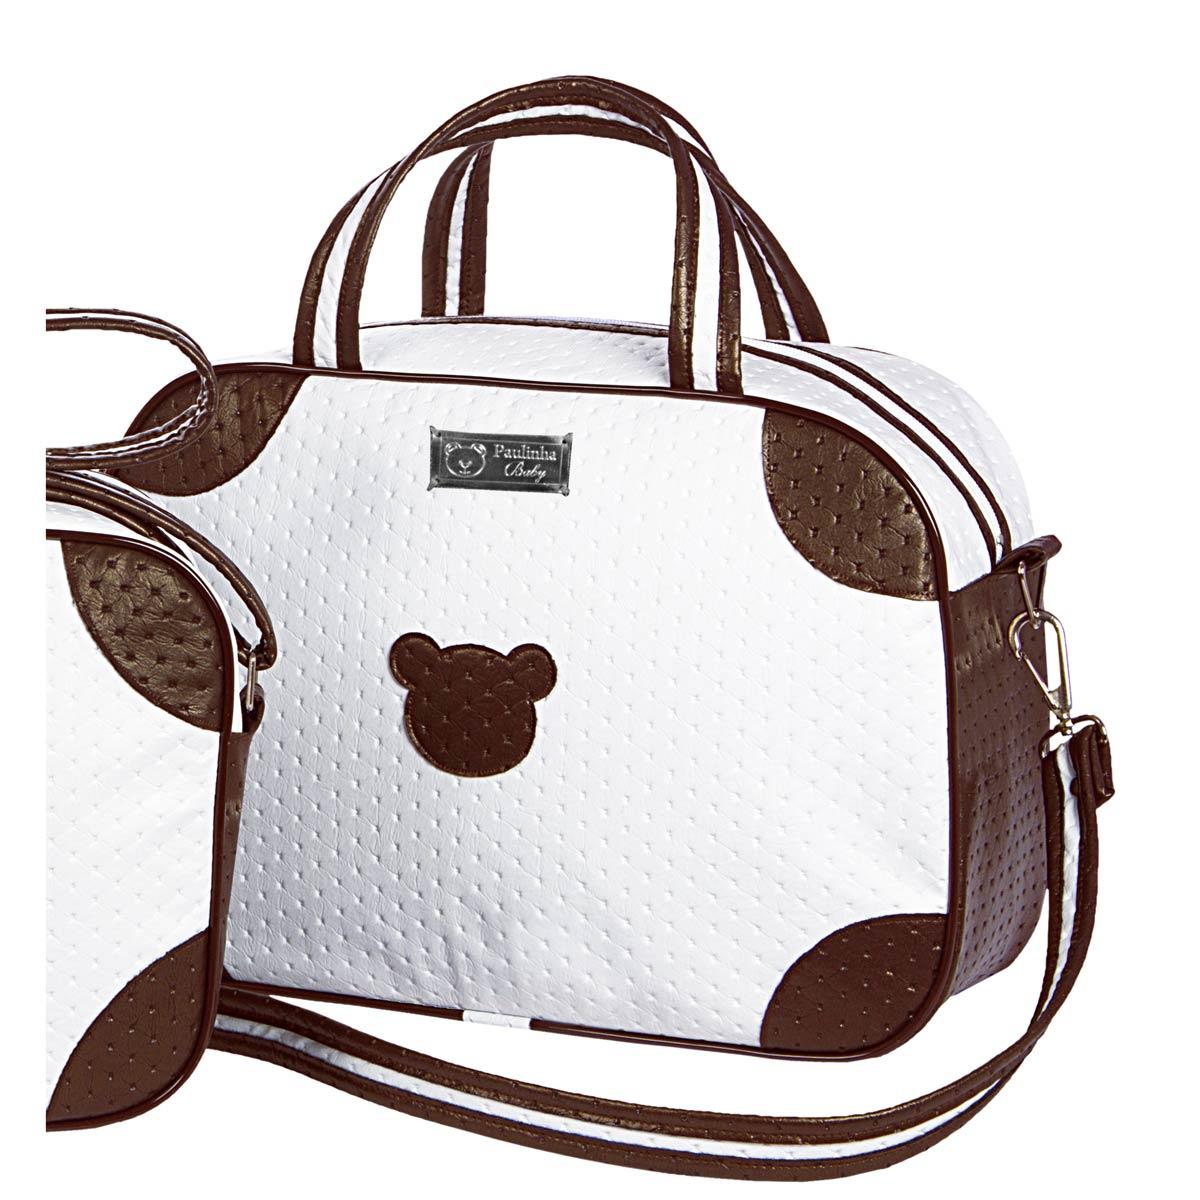 Bolsa Maternidade Coleção Colonial Urso 36cm x 25cm x 13cm - Branco / Chocolate